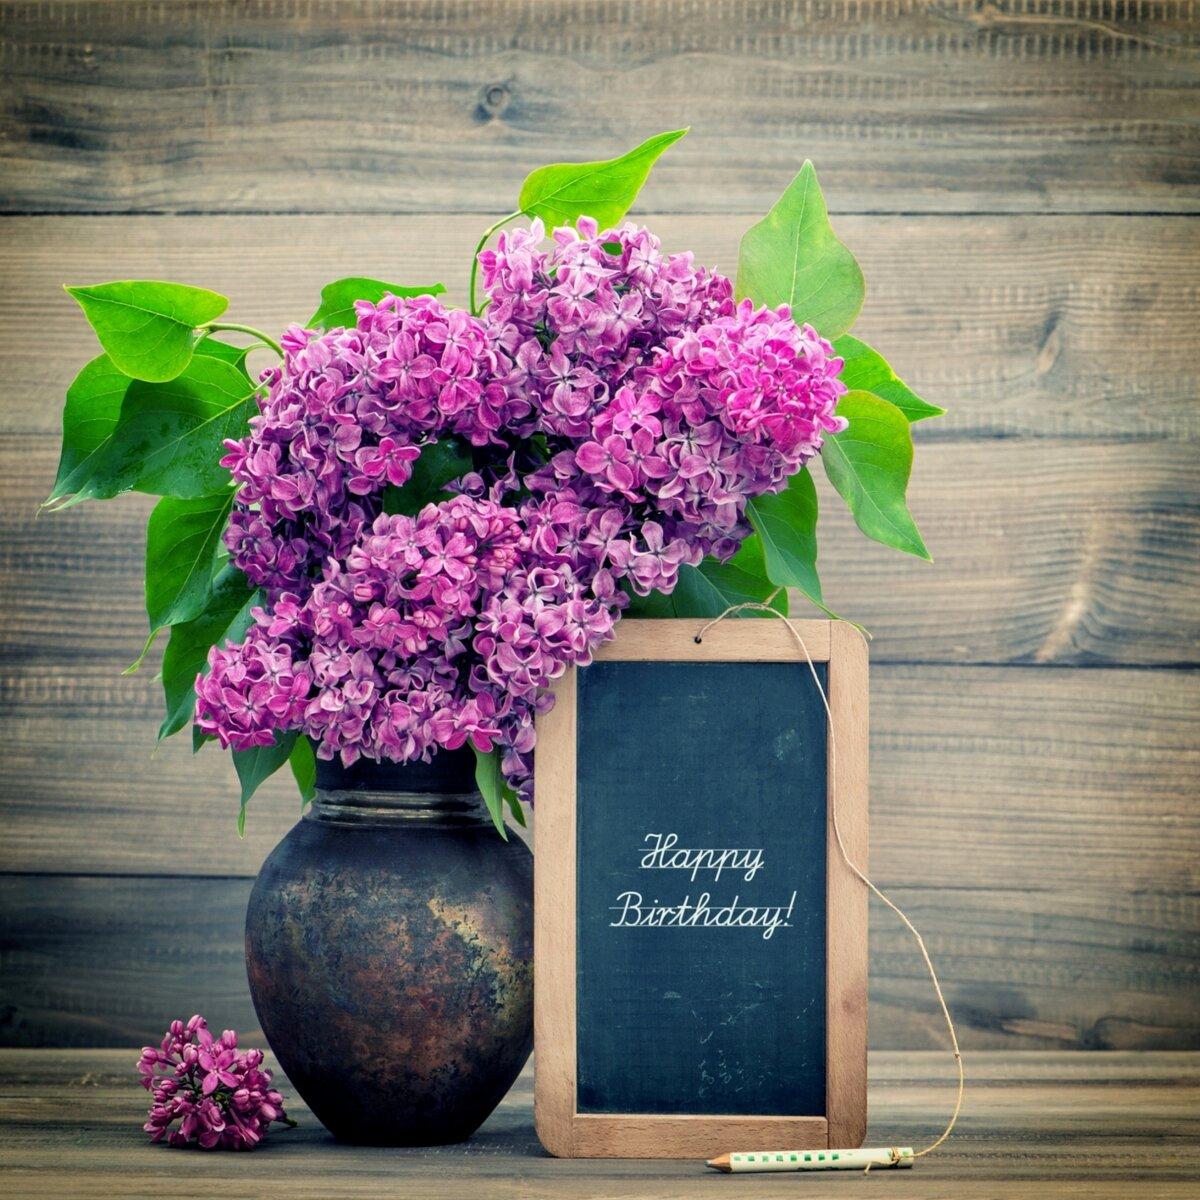 Креативное поздравление с днем рождения фото картинки, открытка